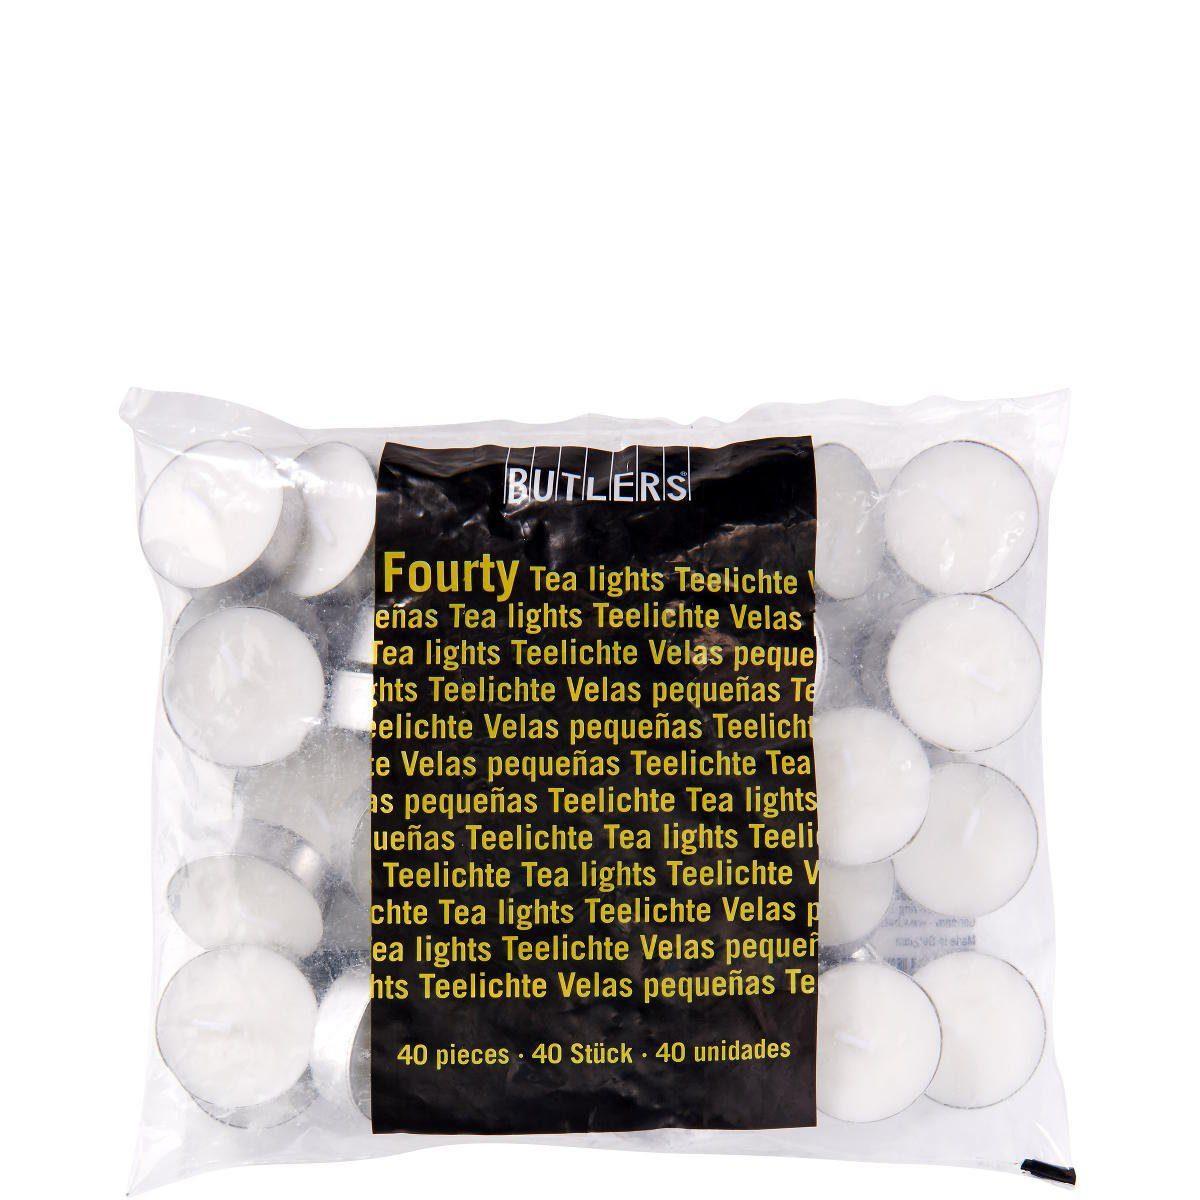 BUTLERS FOURTY »Teelichte«